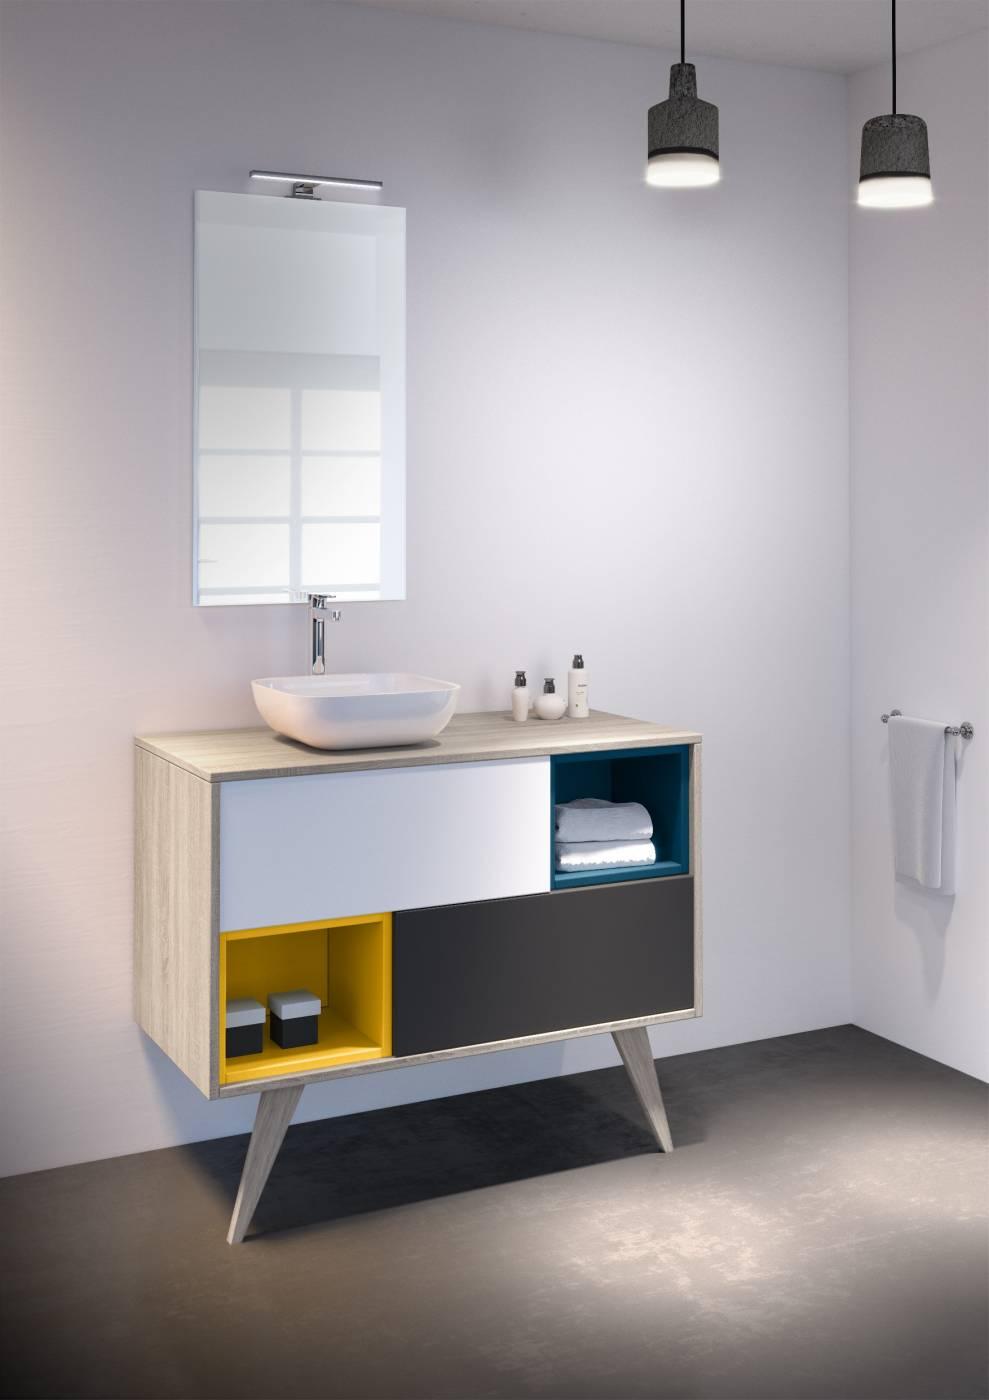 Meuble suspendu pour salle de bains Mosa¯que Carrelage intérieur